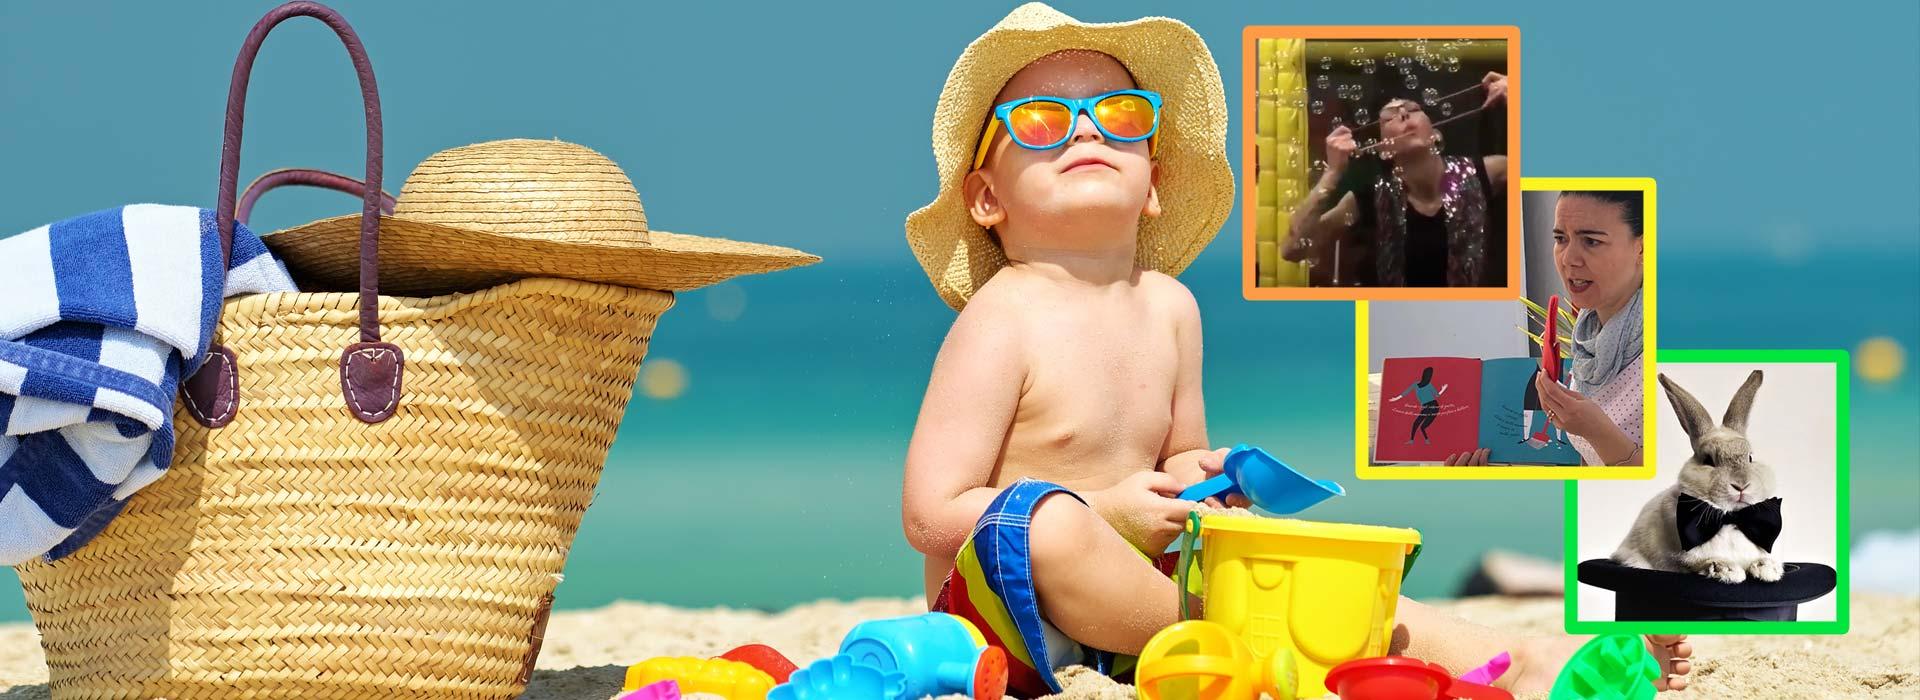 Feste gratuite per bambini in spiaggia